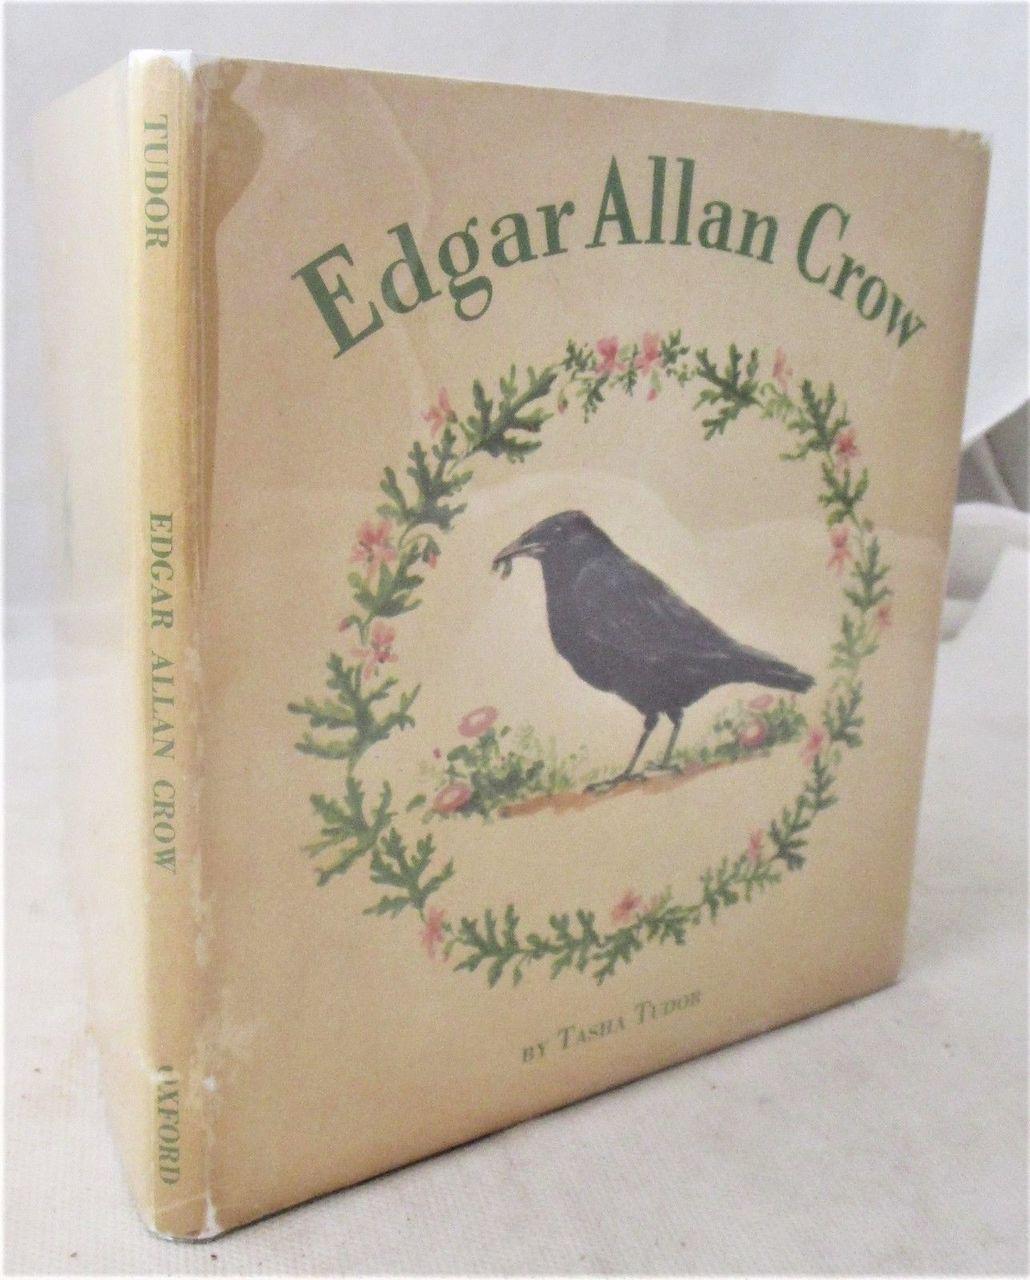 EDGAR ALLAN CROW, by Tasha Tudor - 1953 [1st Ed]